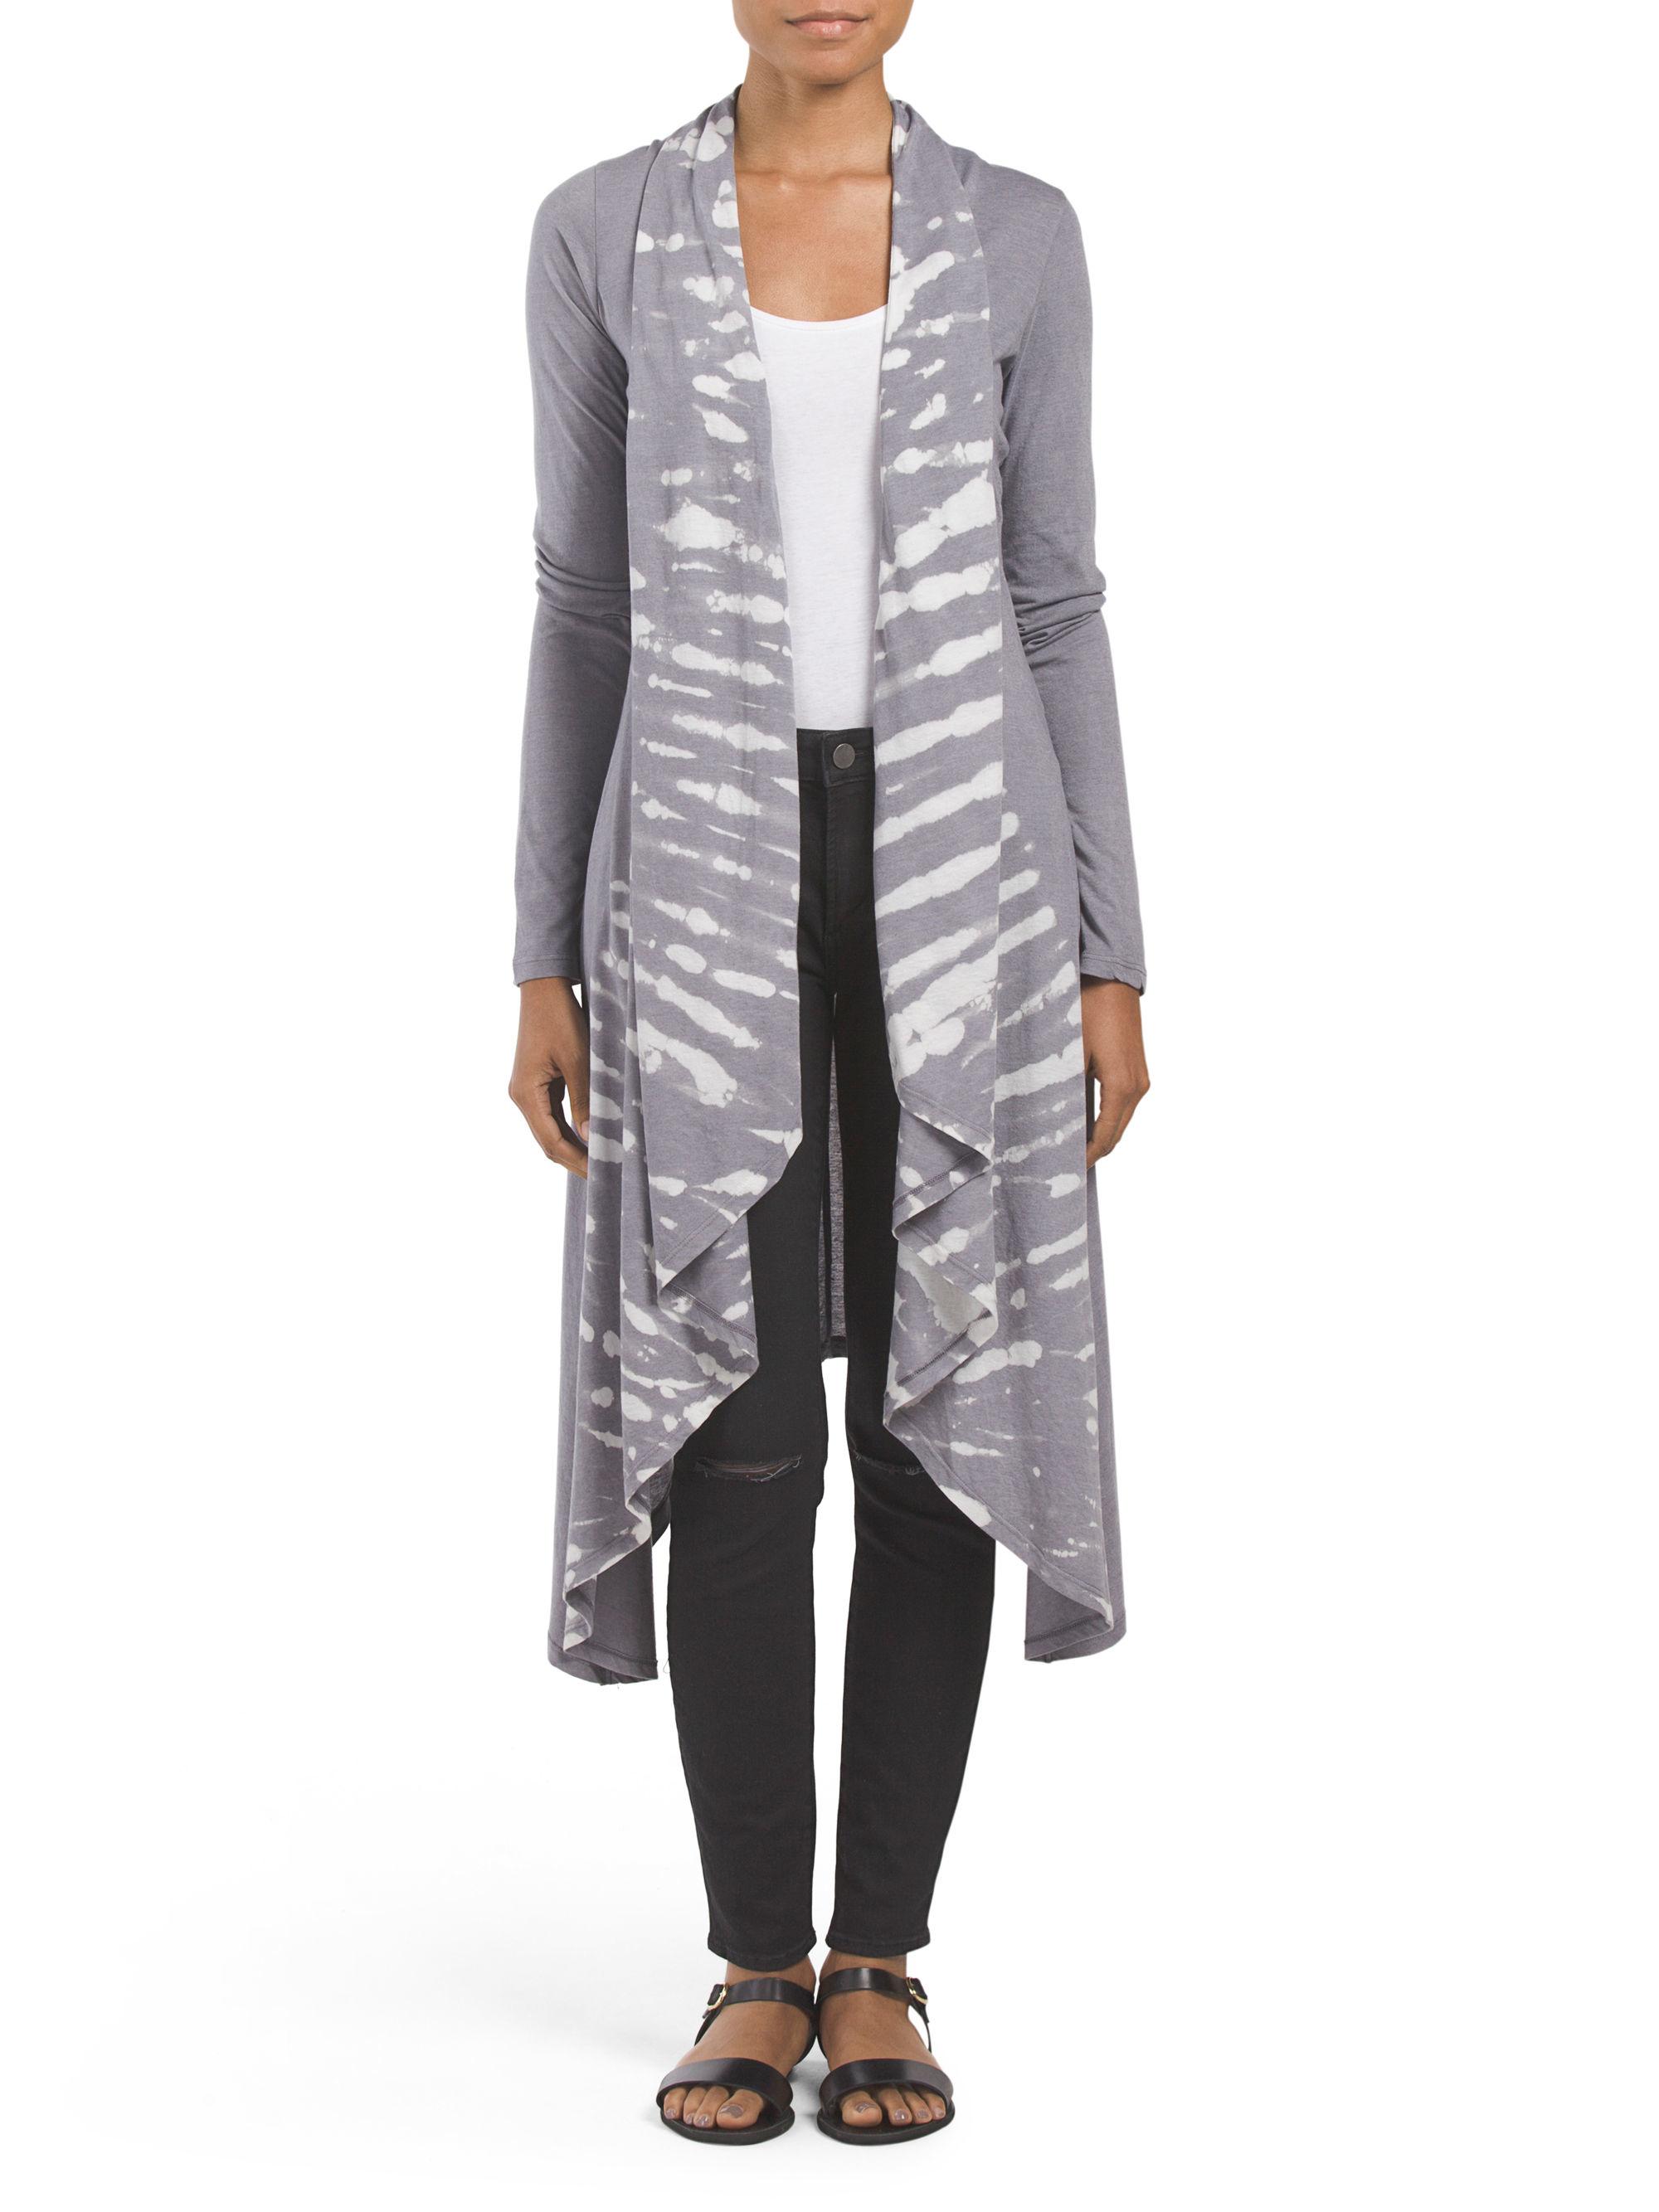 Tj maxx tie dye drape duster in gray lyst for Tj maxx t shirts